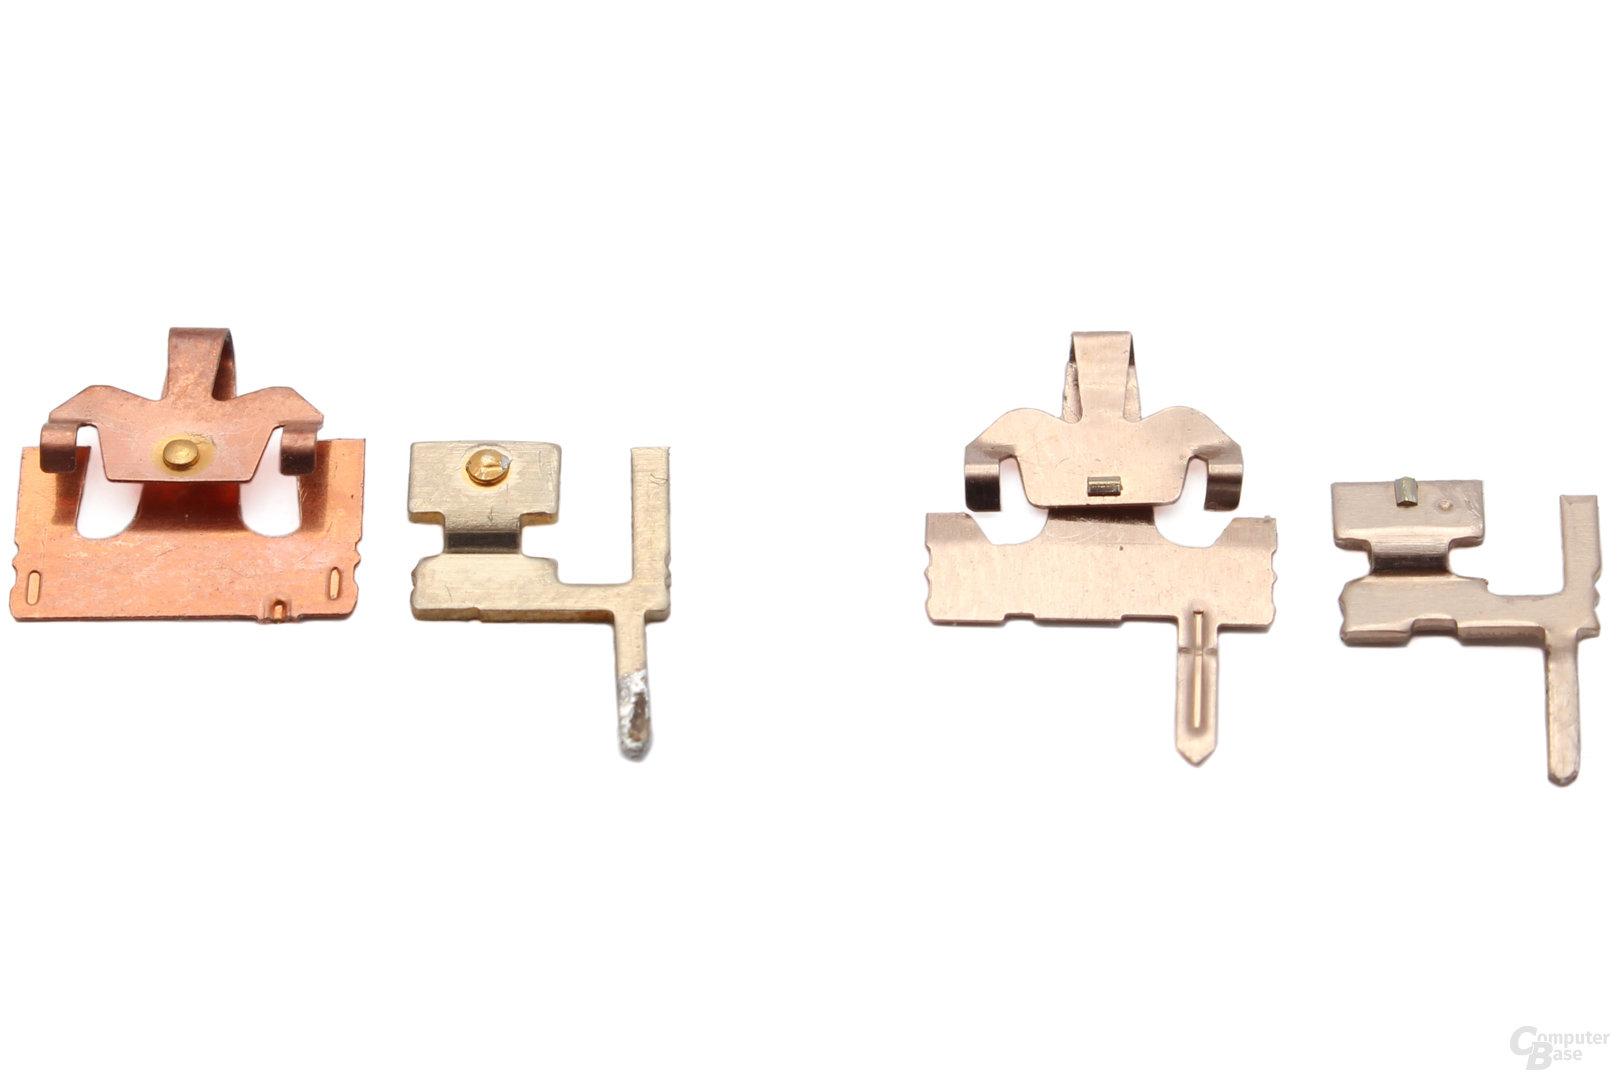 Razer-Kontakte (links) und Cherry-Kontakte (rechts)